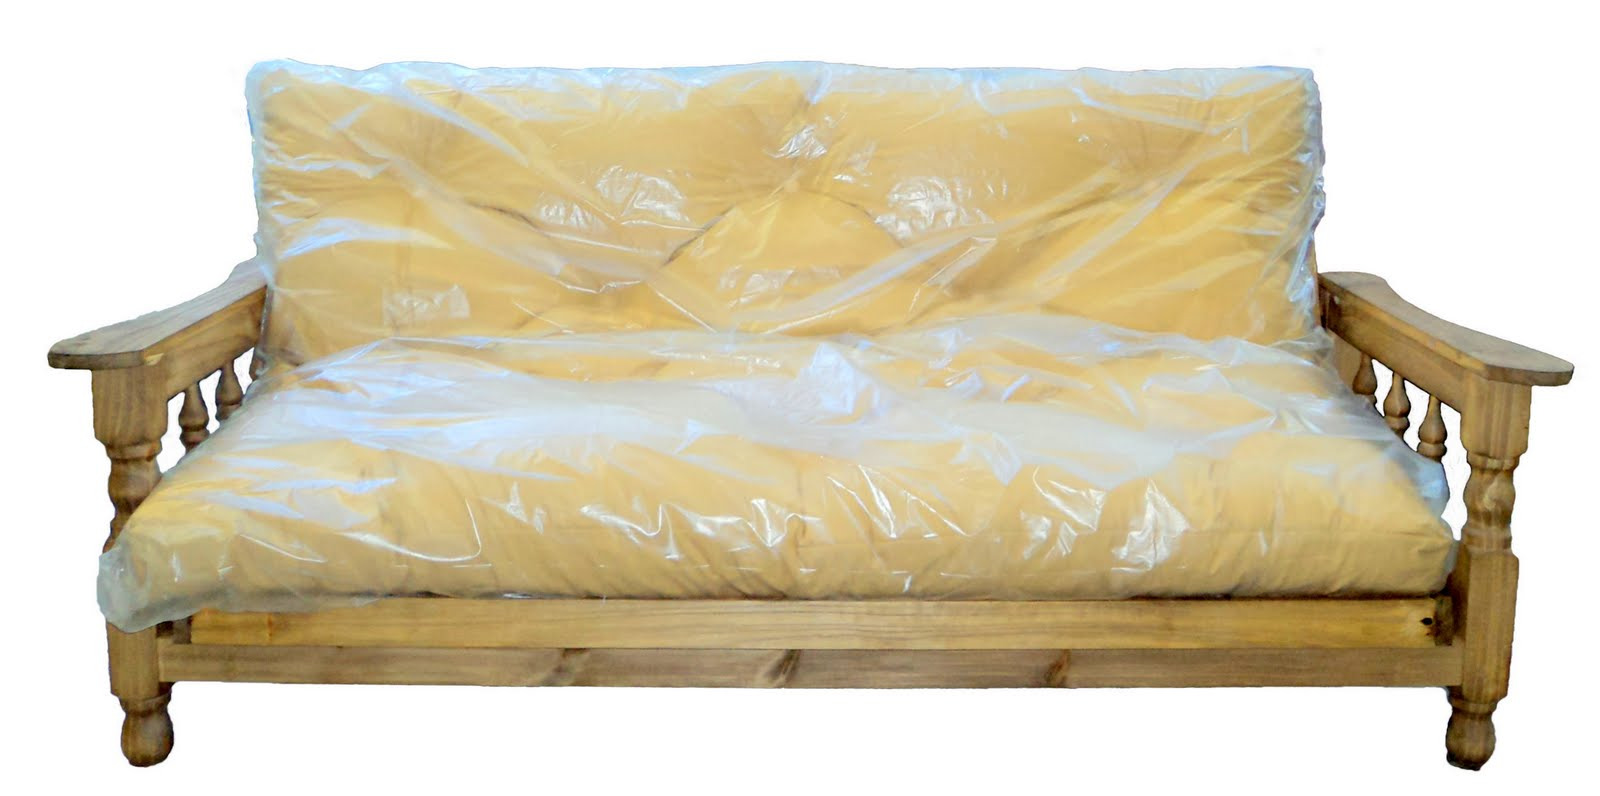 Muebles de pino — Comprar Muebles de pino, Precio de